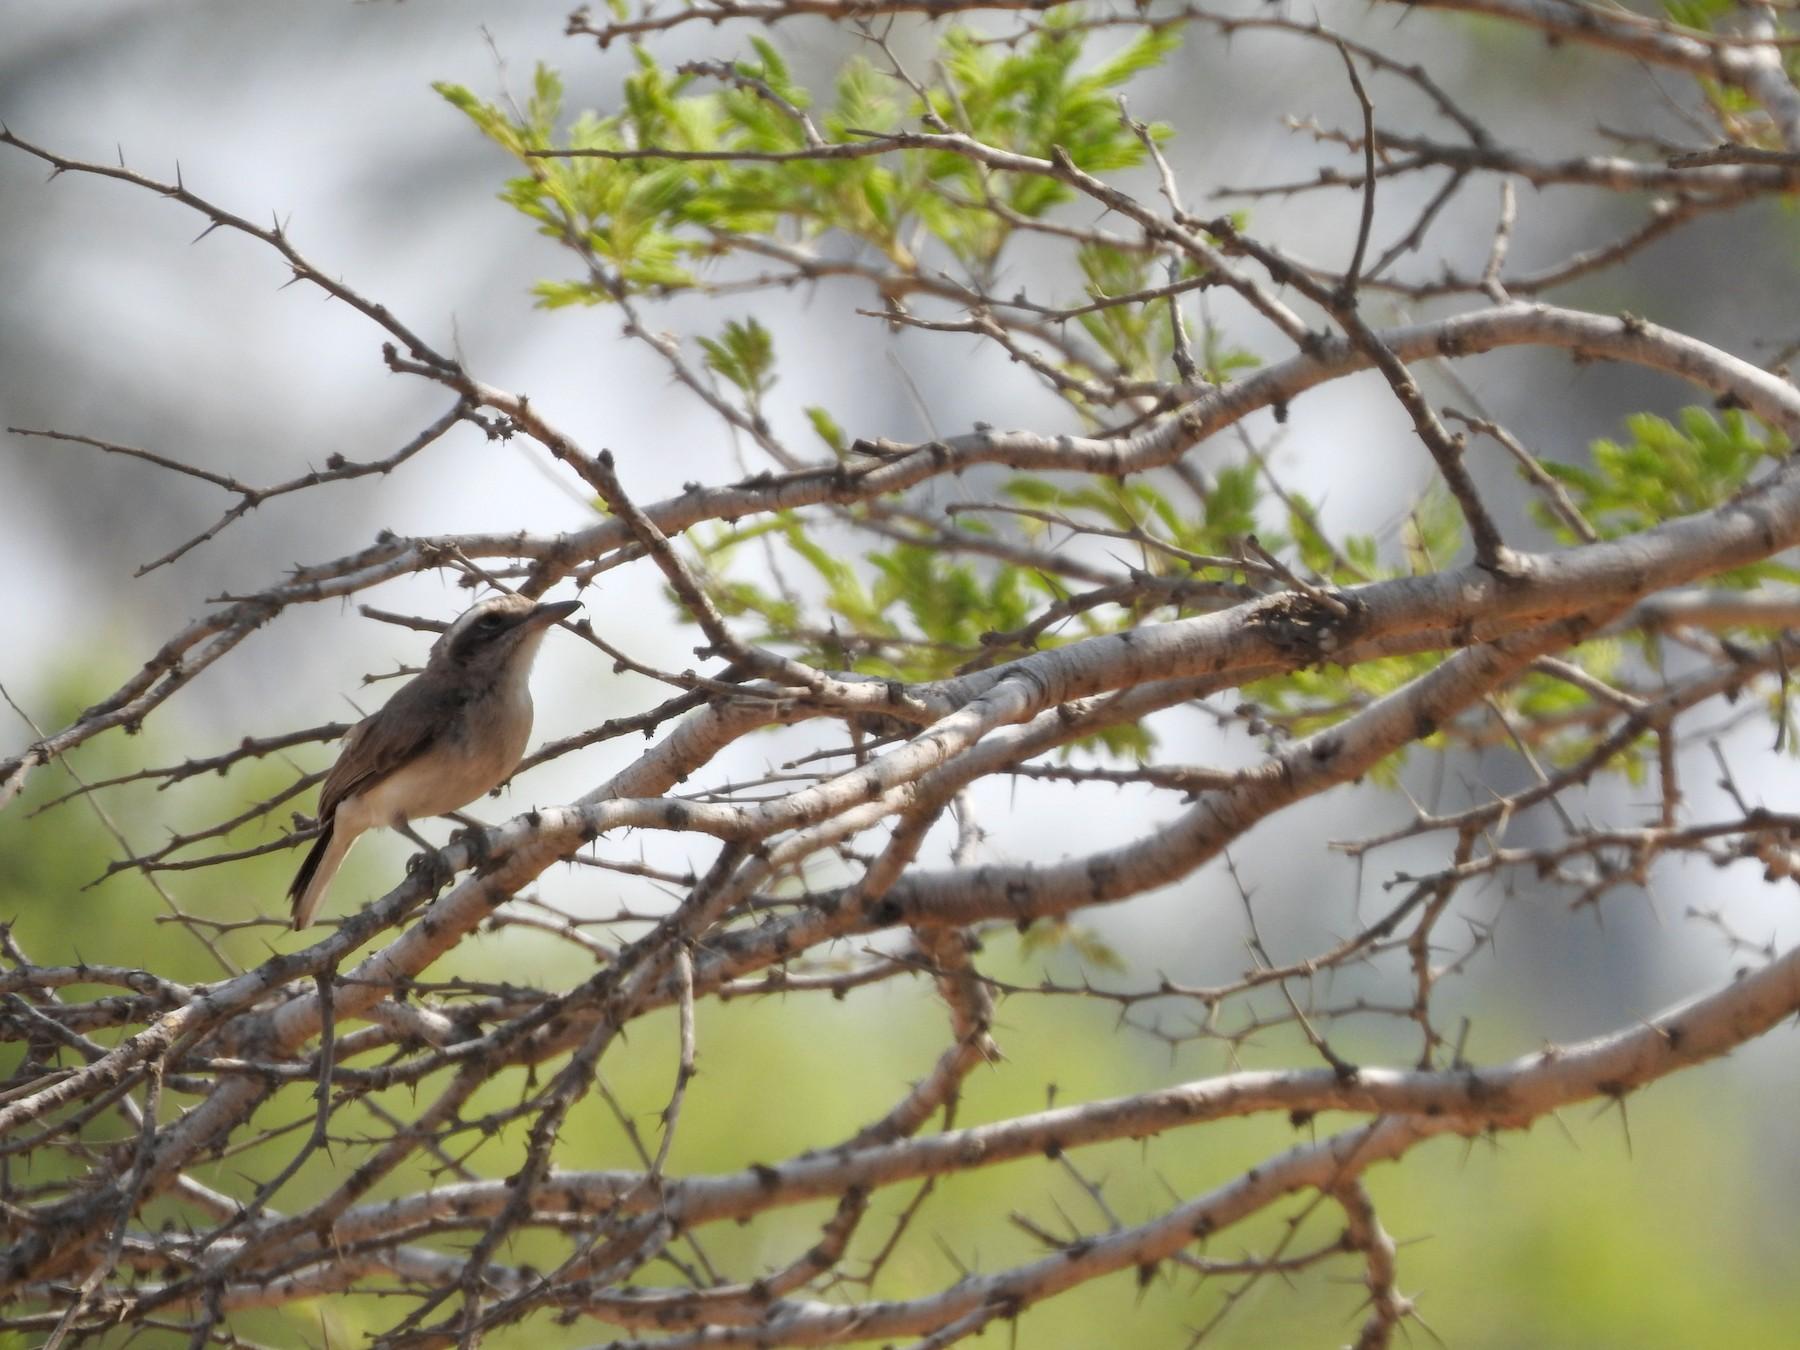 Common Woodshrike - Arulvelan Thillainayagam